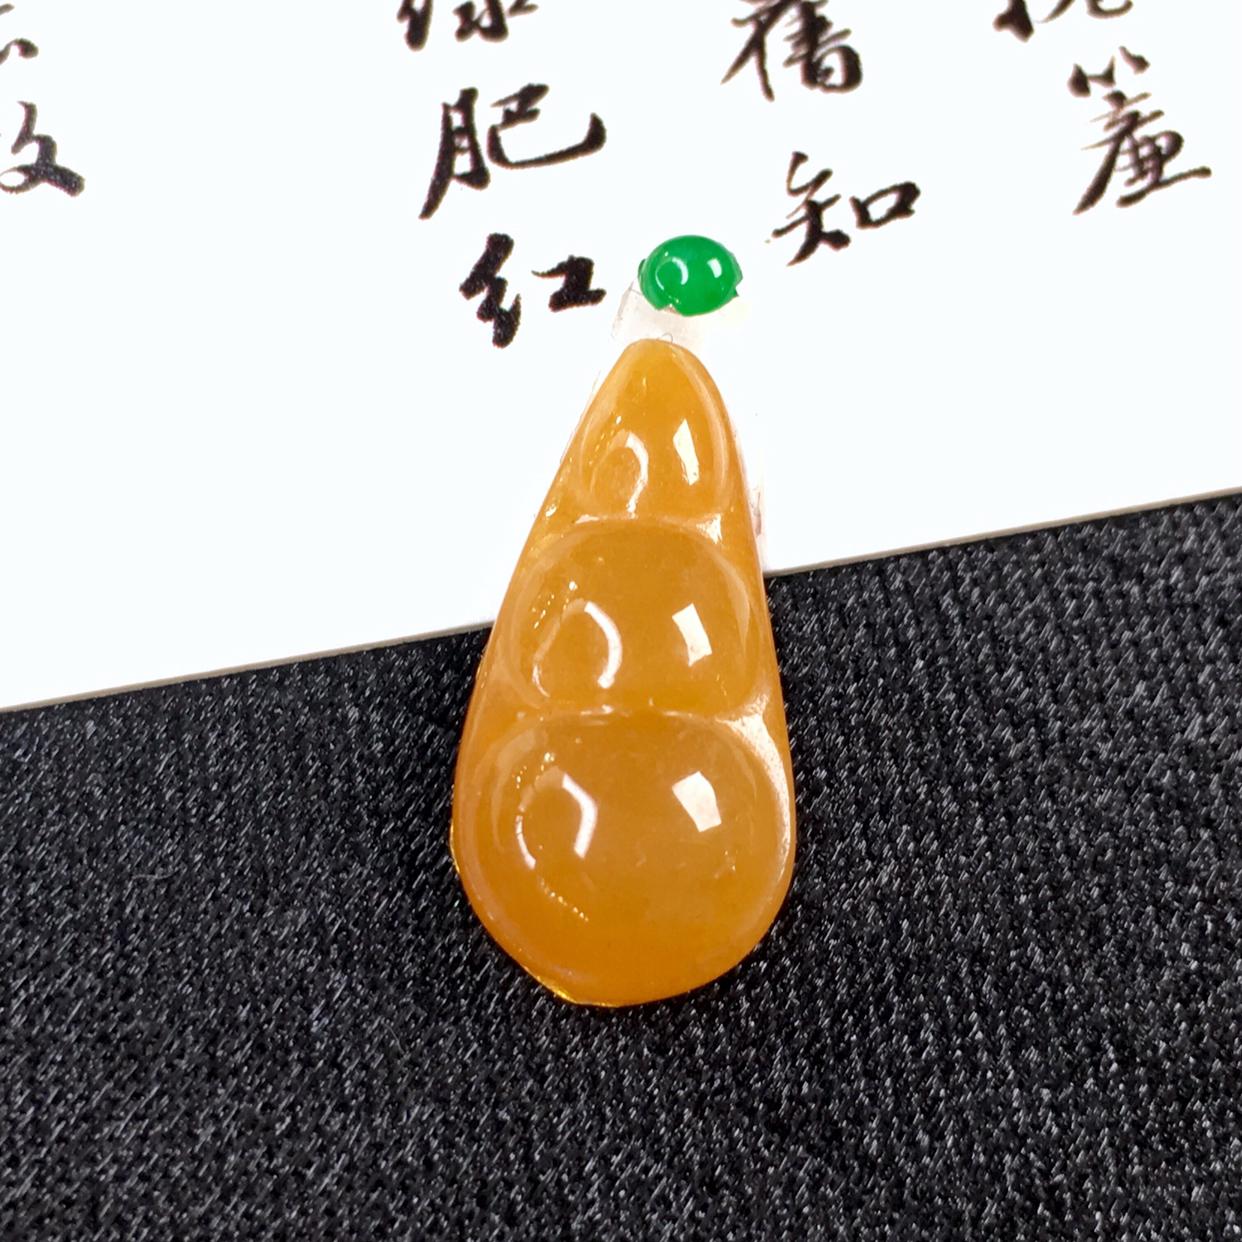 翡翠a货,黄翡小福豆(镶嵌件)颜色鲜艳,小巧,裸石规格:17.4-8.2-3.4